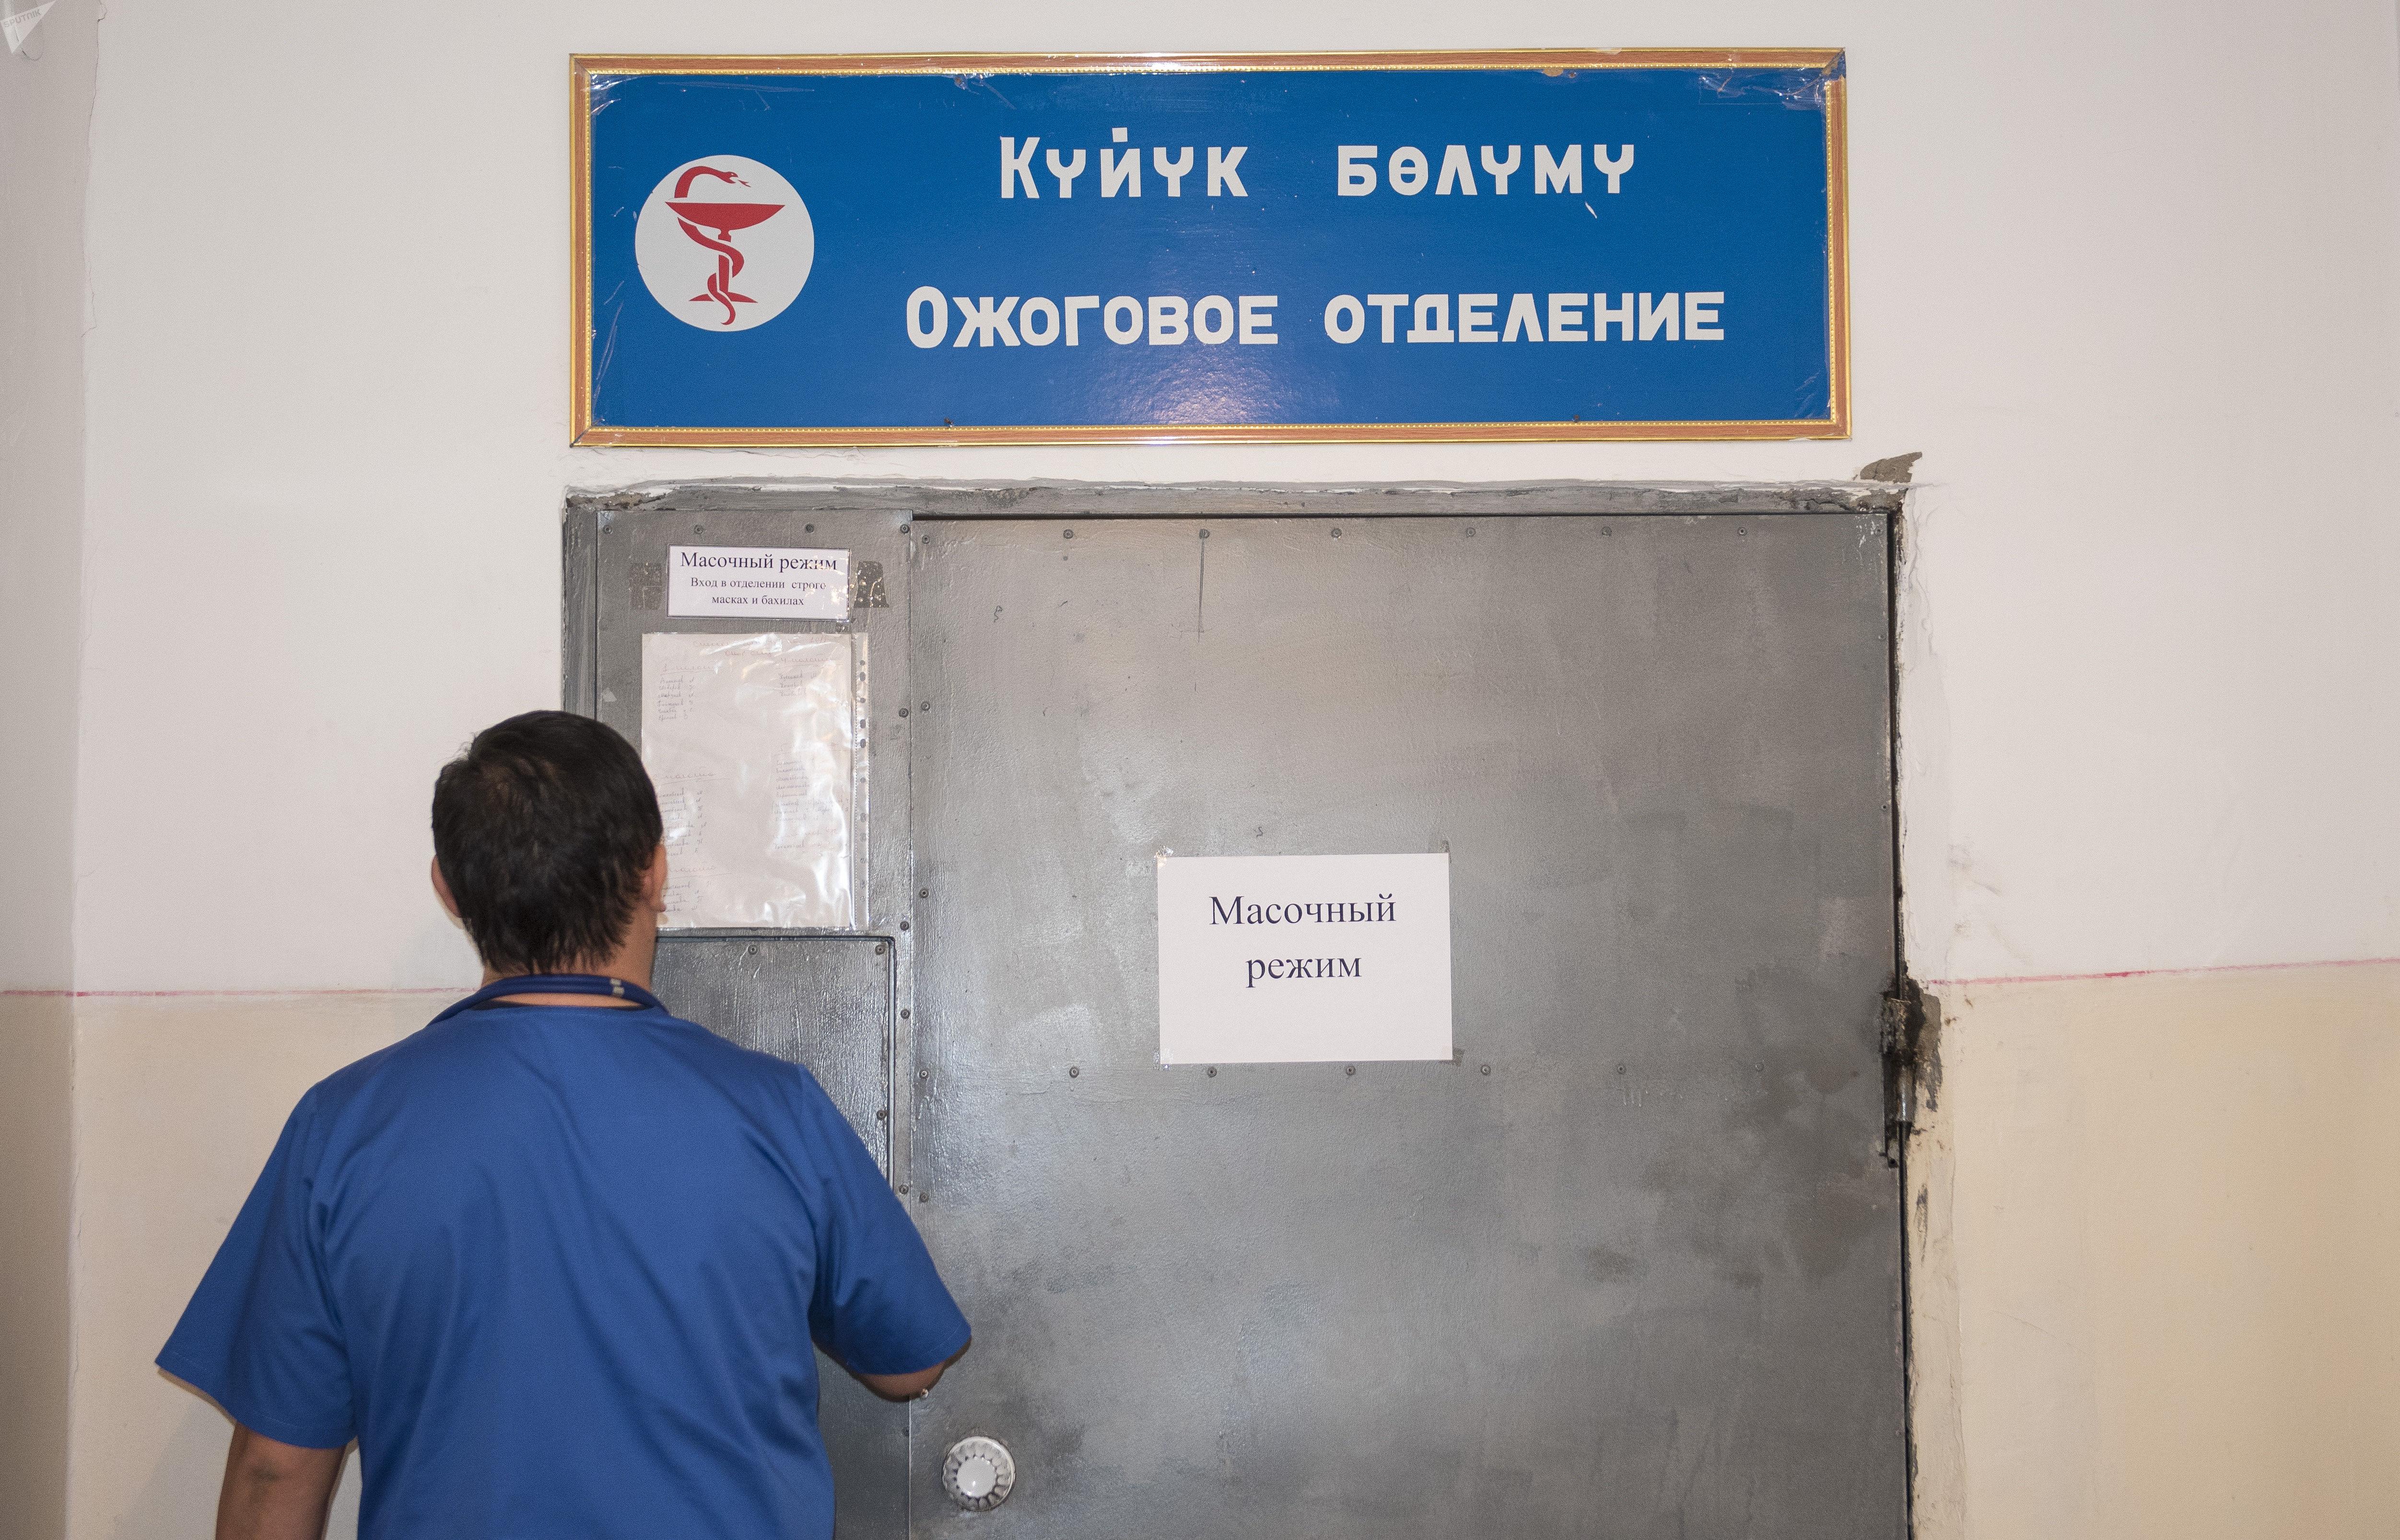 Ожоговое отделение Бишкекского научно-исследовательского центра травматологии и ортопедии